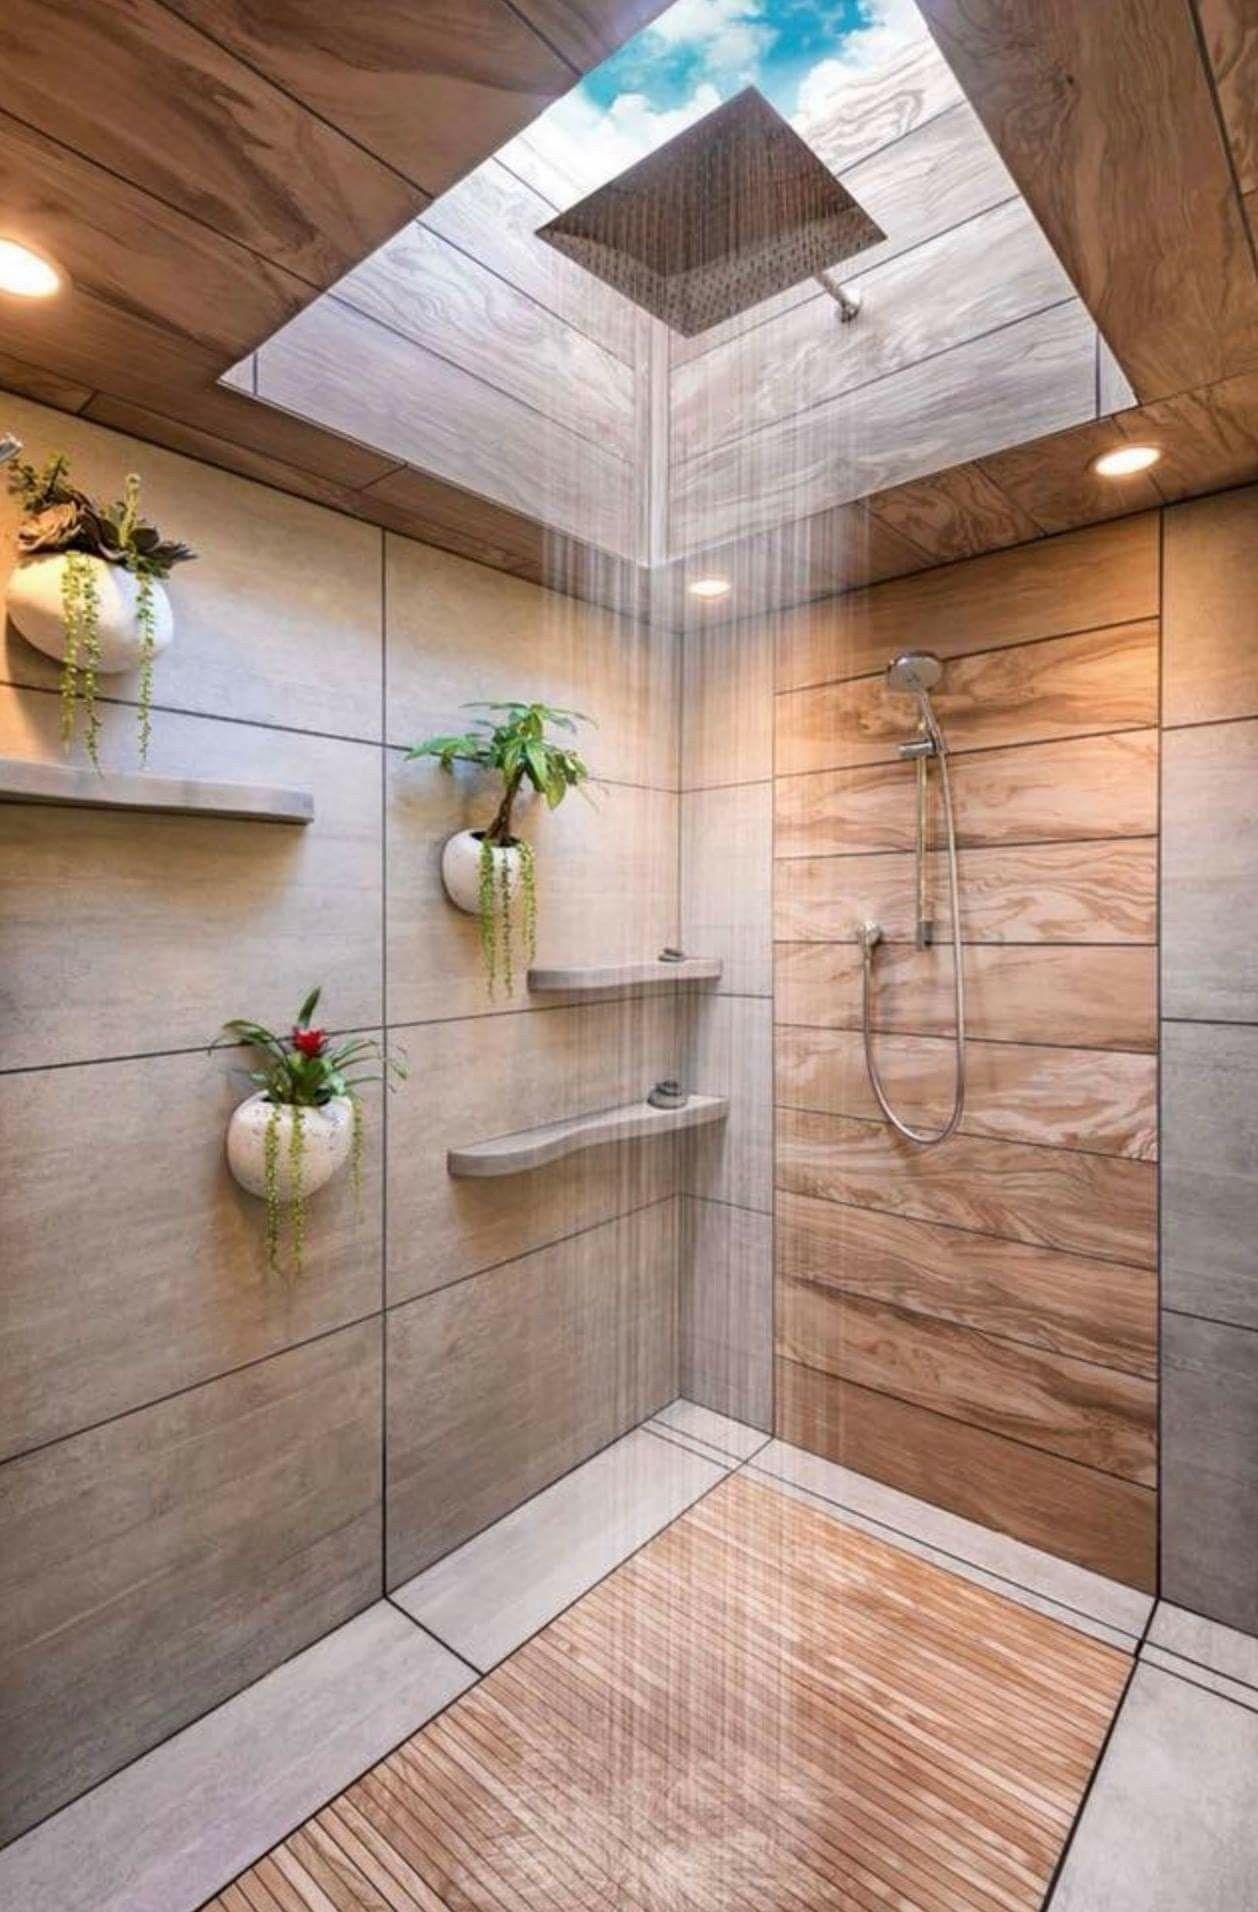 interesting tile pattern | Bathrooms | Pinterest | House, Tile ...